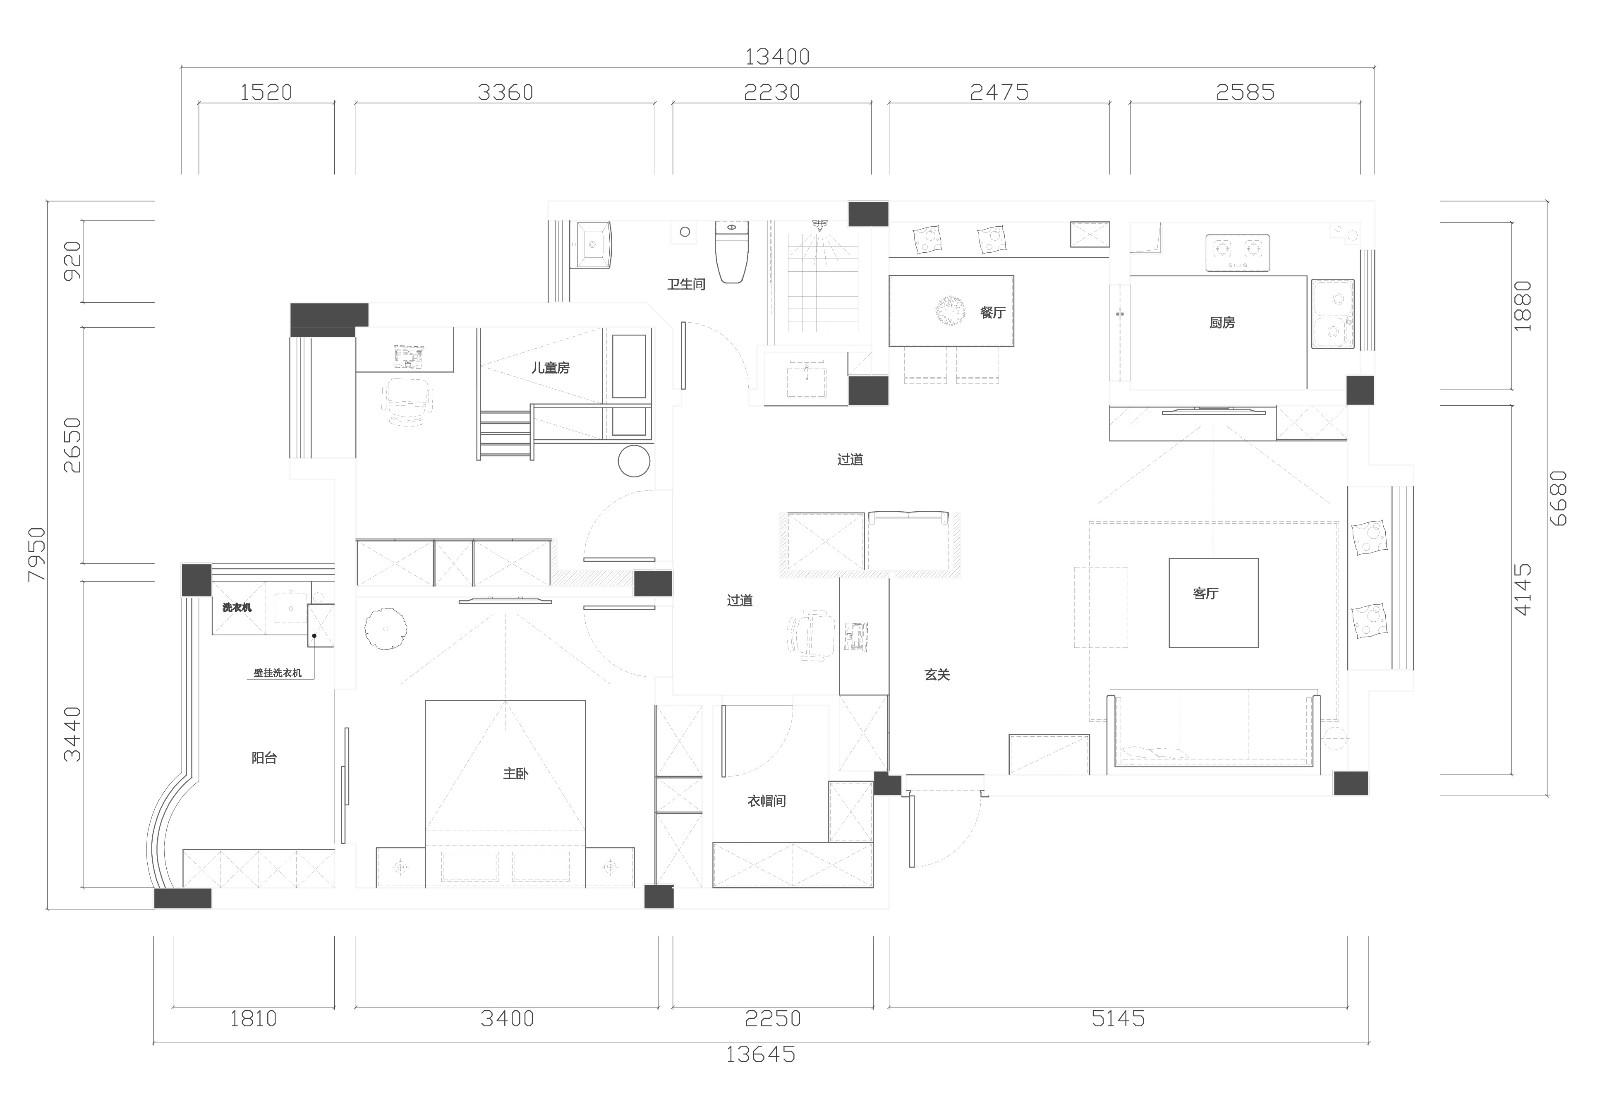 绿色家园平面布局图.jpg